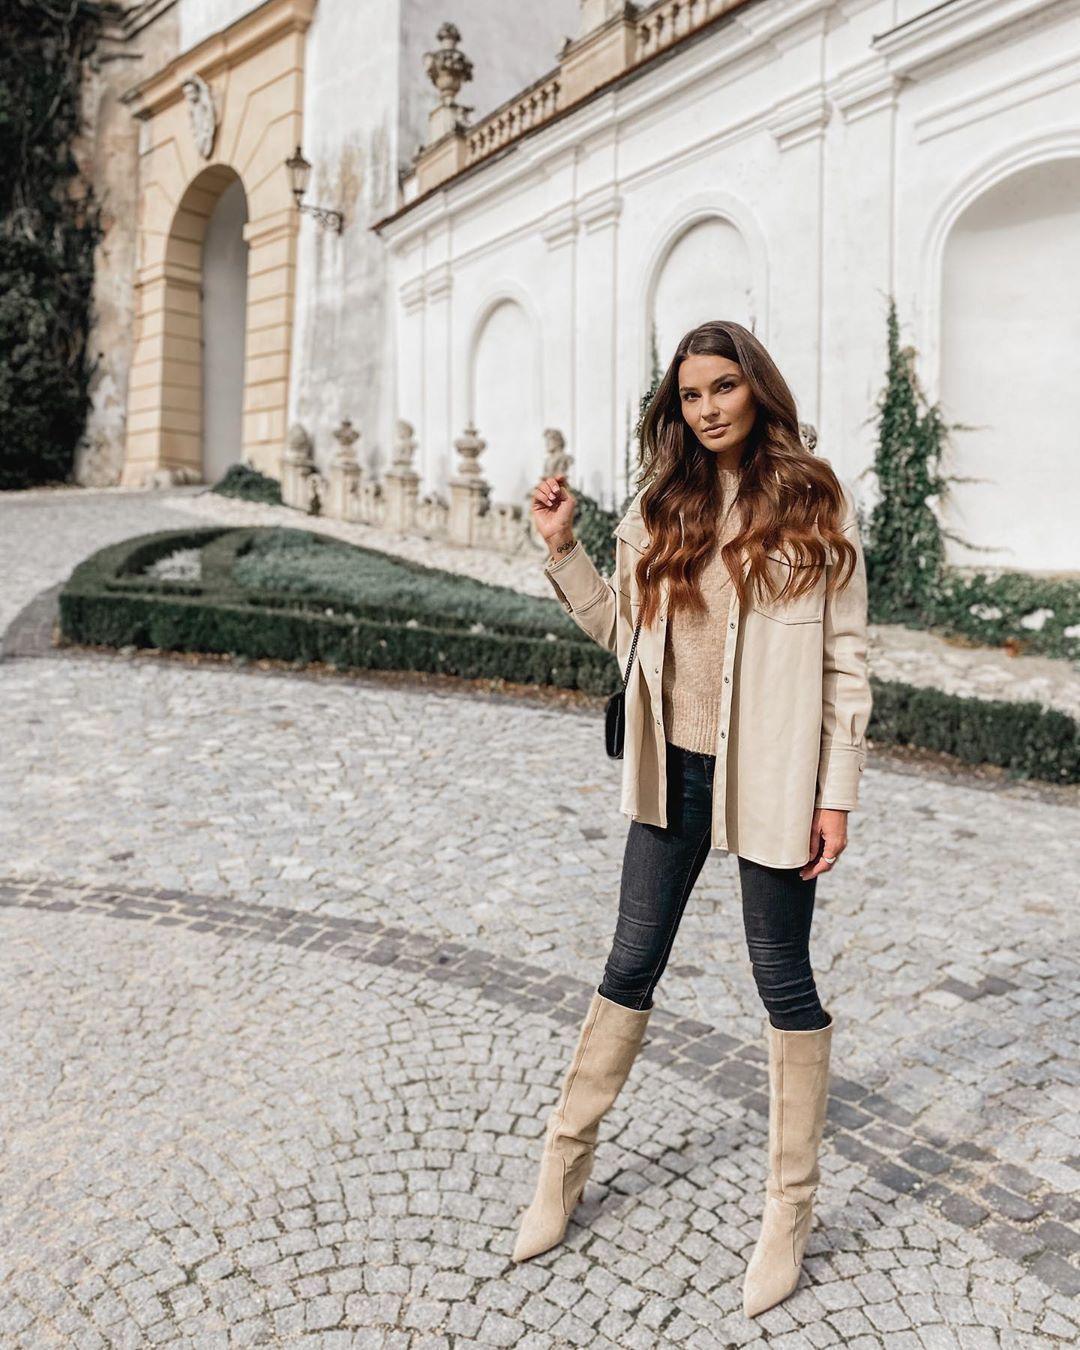 """Nikol Švantnerová on Instagram: """"MIKUL🤍VE #saturday #weekendgetaway #simplyme"""""""